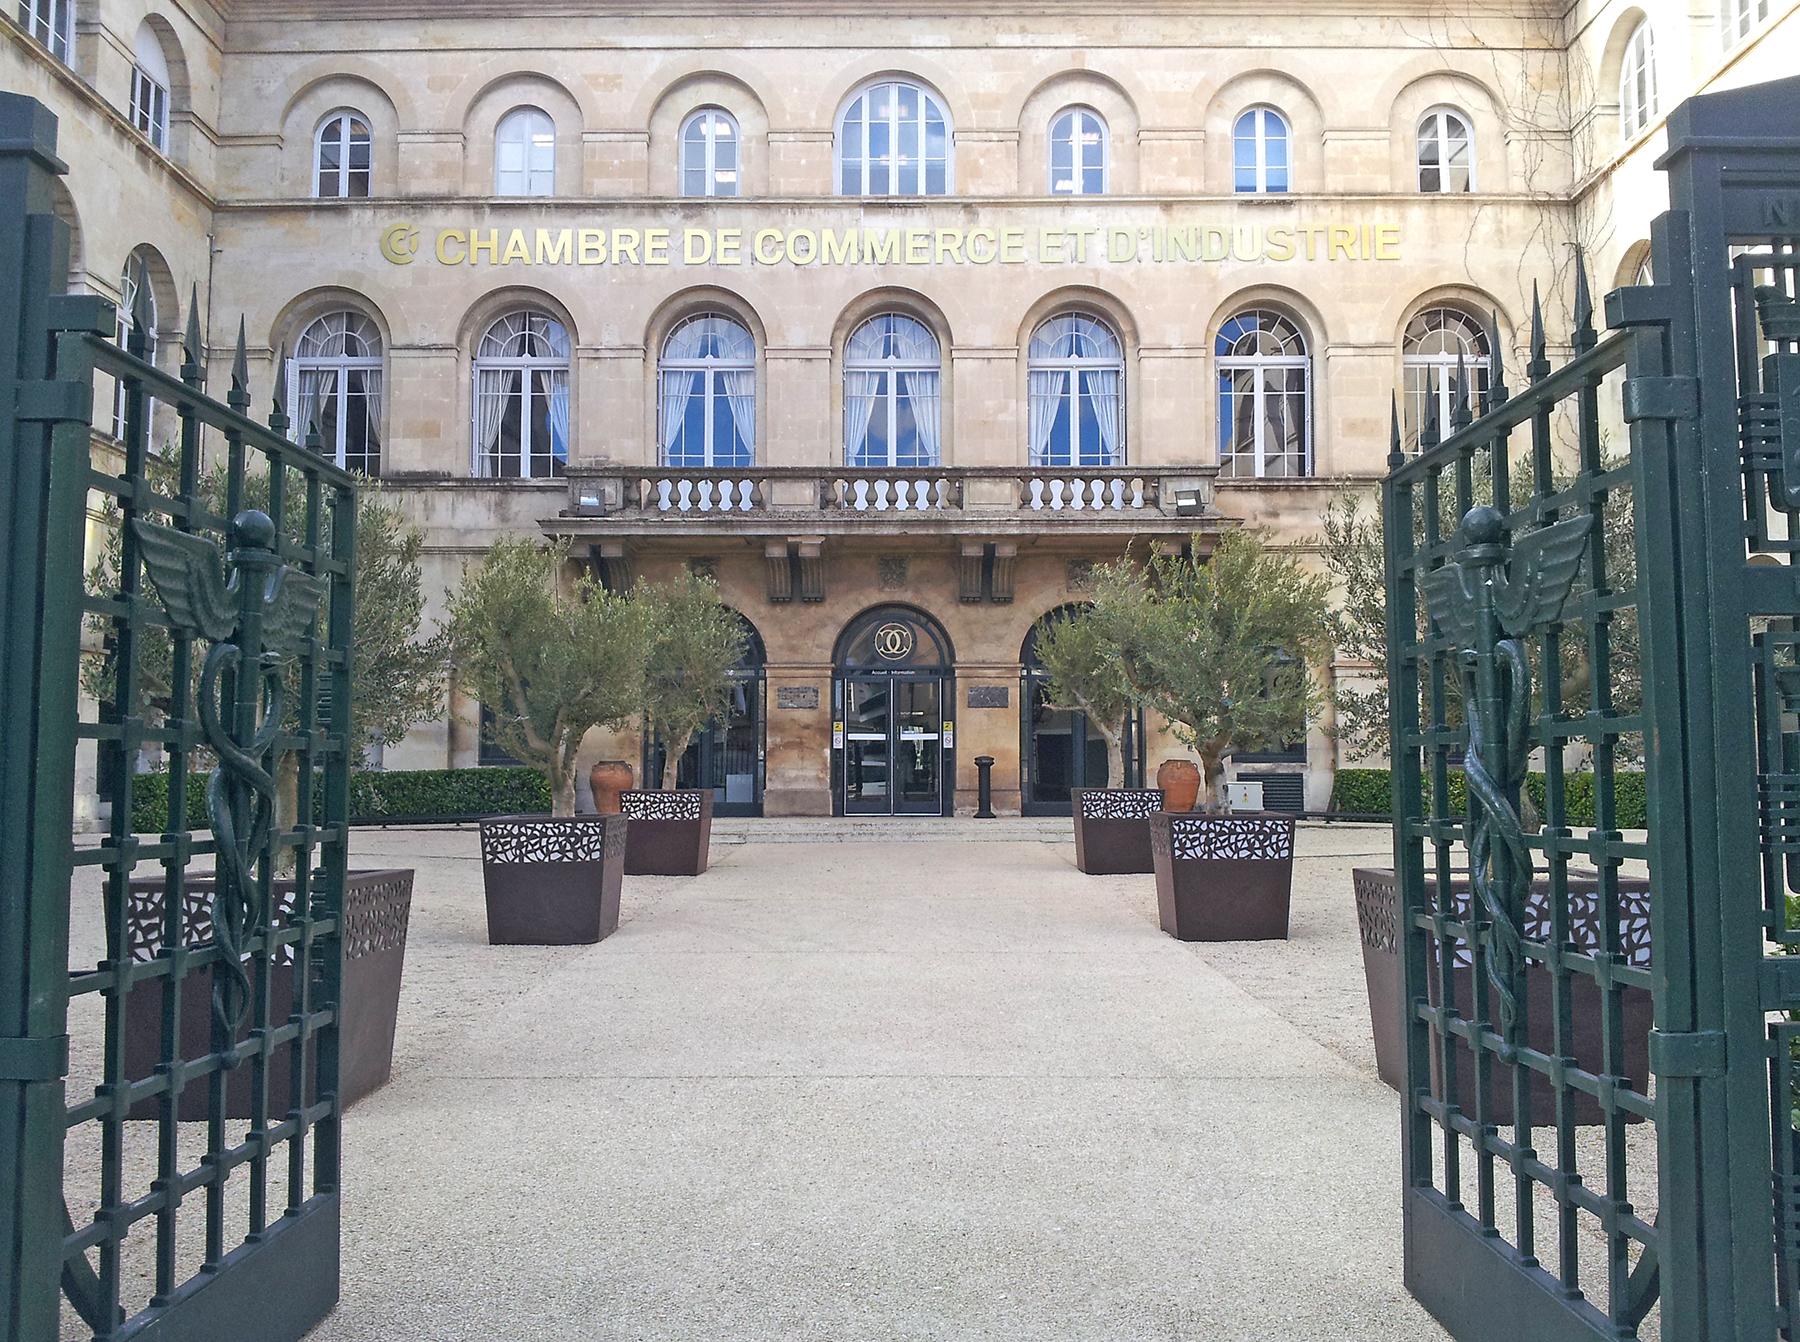 Chambre de commerce et d 39 industrie de n mes urban nt - Chambre de commerce salon de provence ...